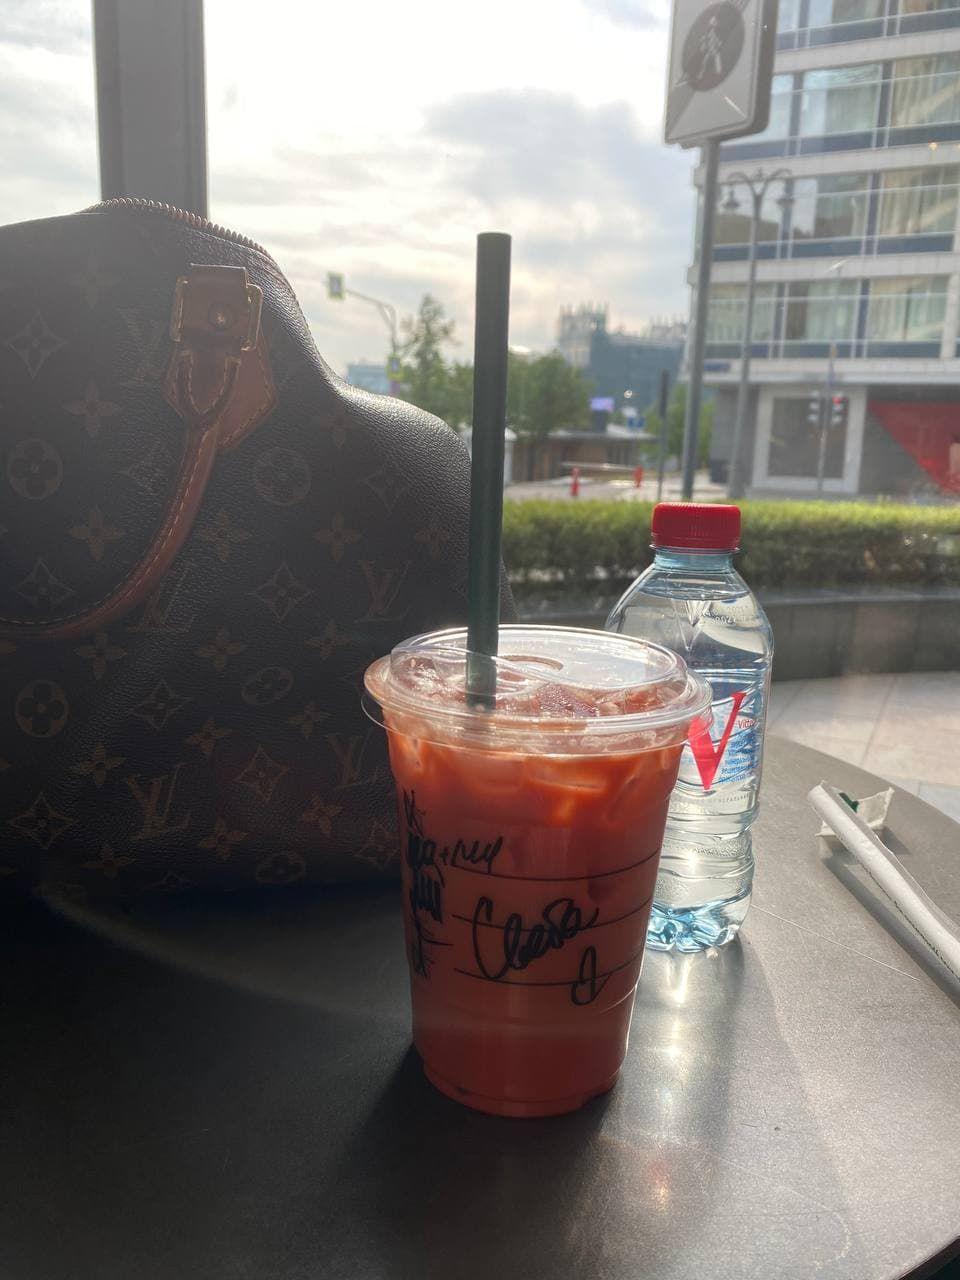 Лето продолжается, один мой долгожданный выходной в Москве, фото 45